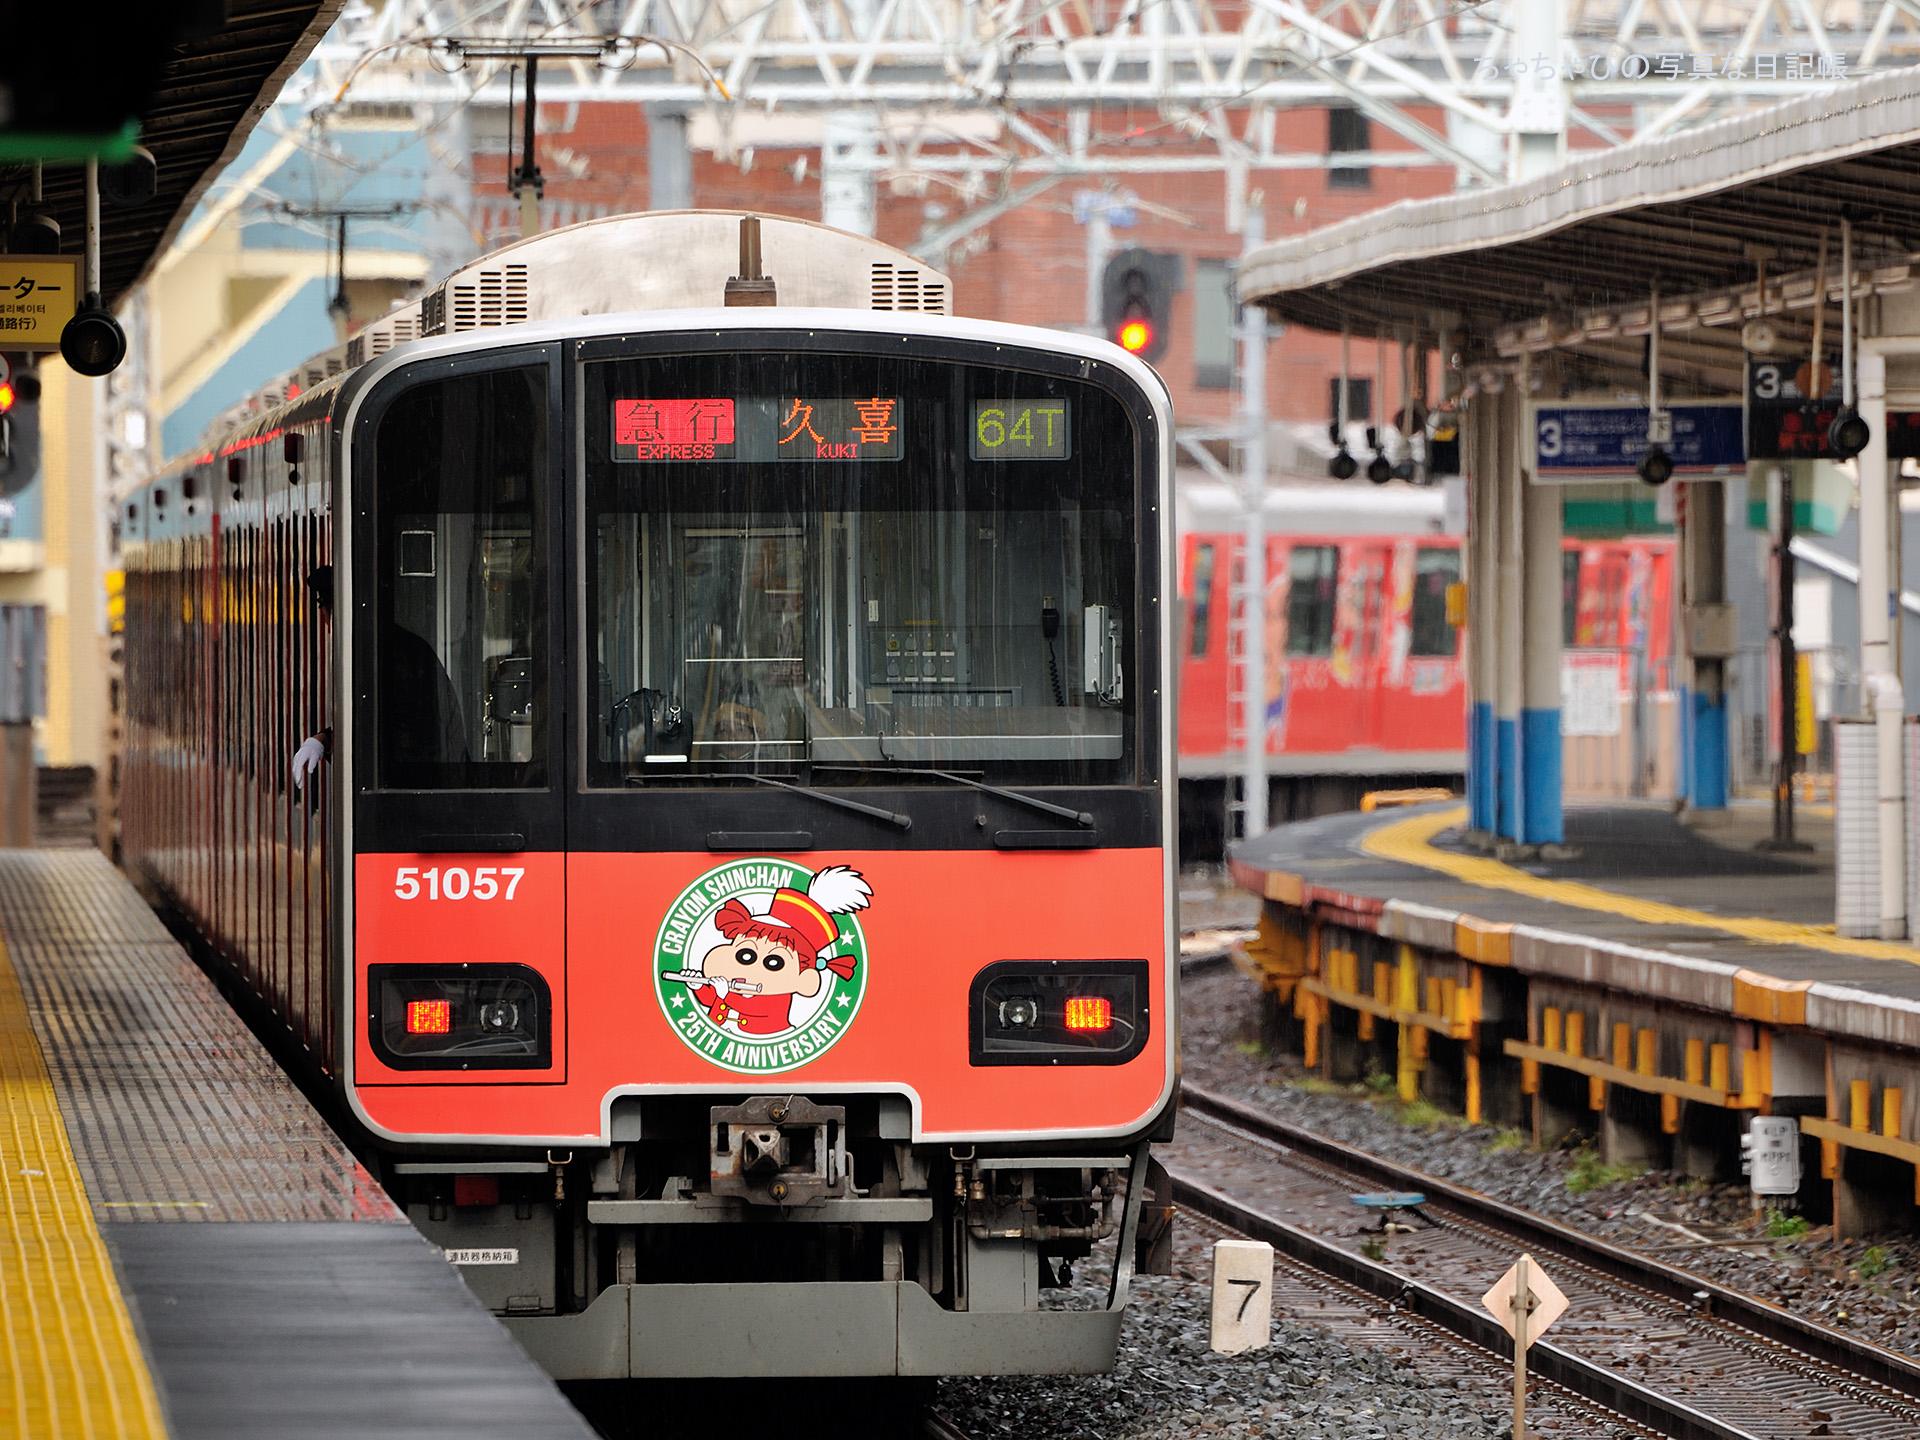 2017.01.09 東武スカイツリーライン 曳舟駅 50050系 -64ゥ 51057編成-